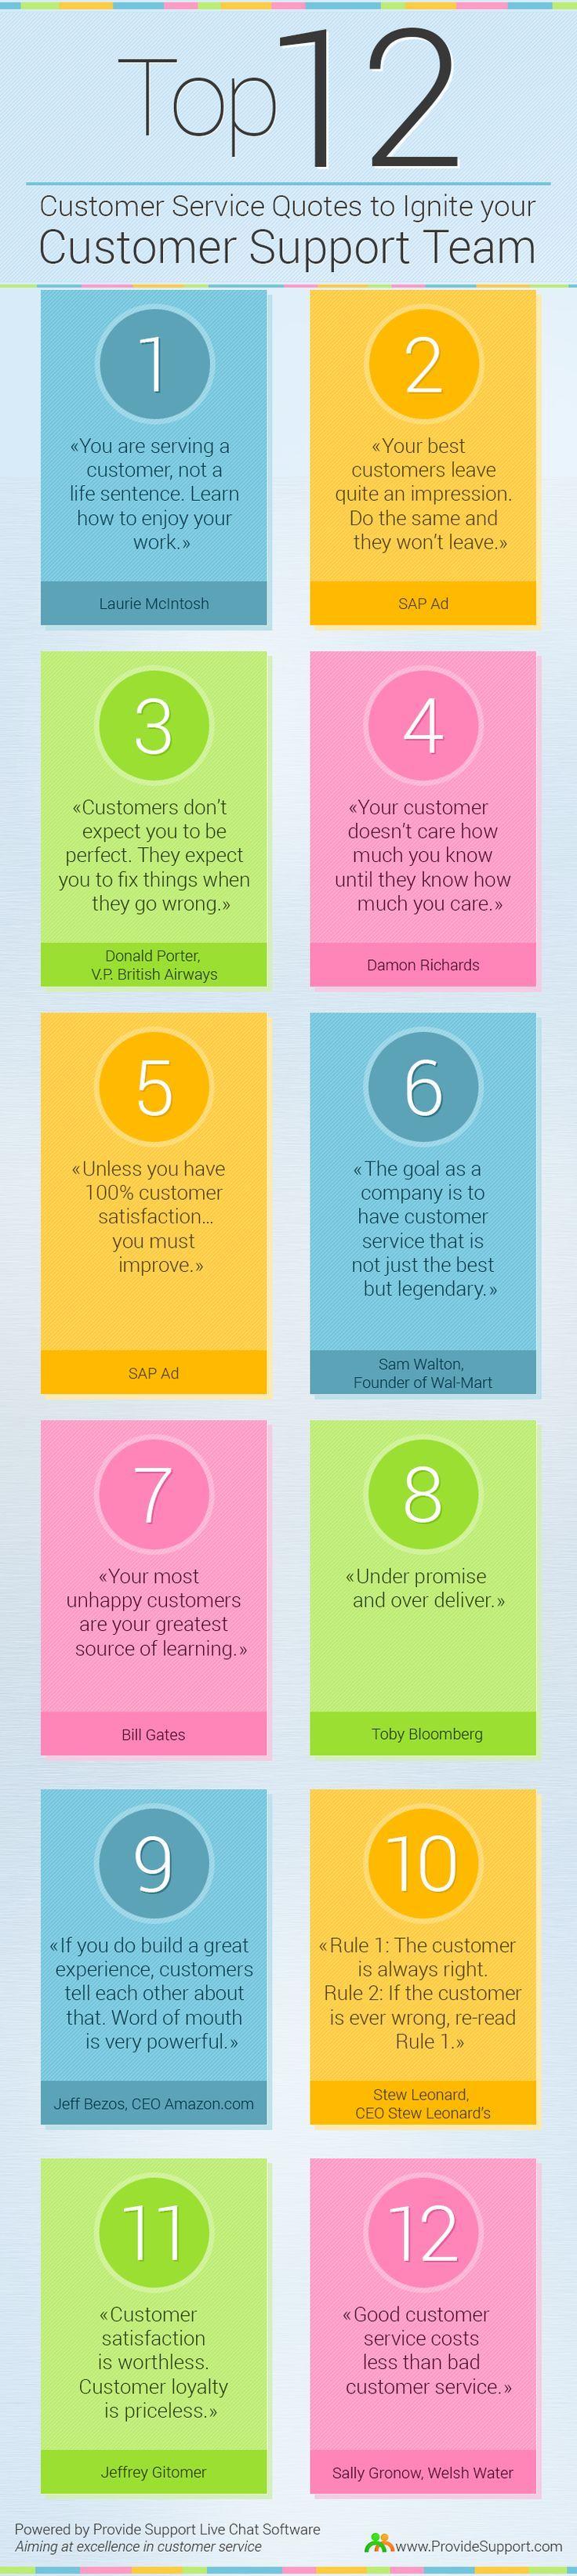 76 mejores imágenes de Darling Customer Service & Customer ...